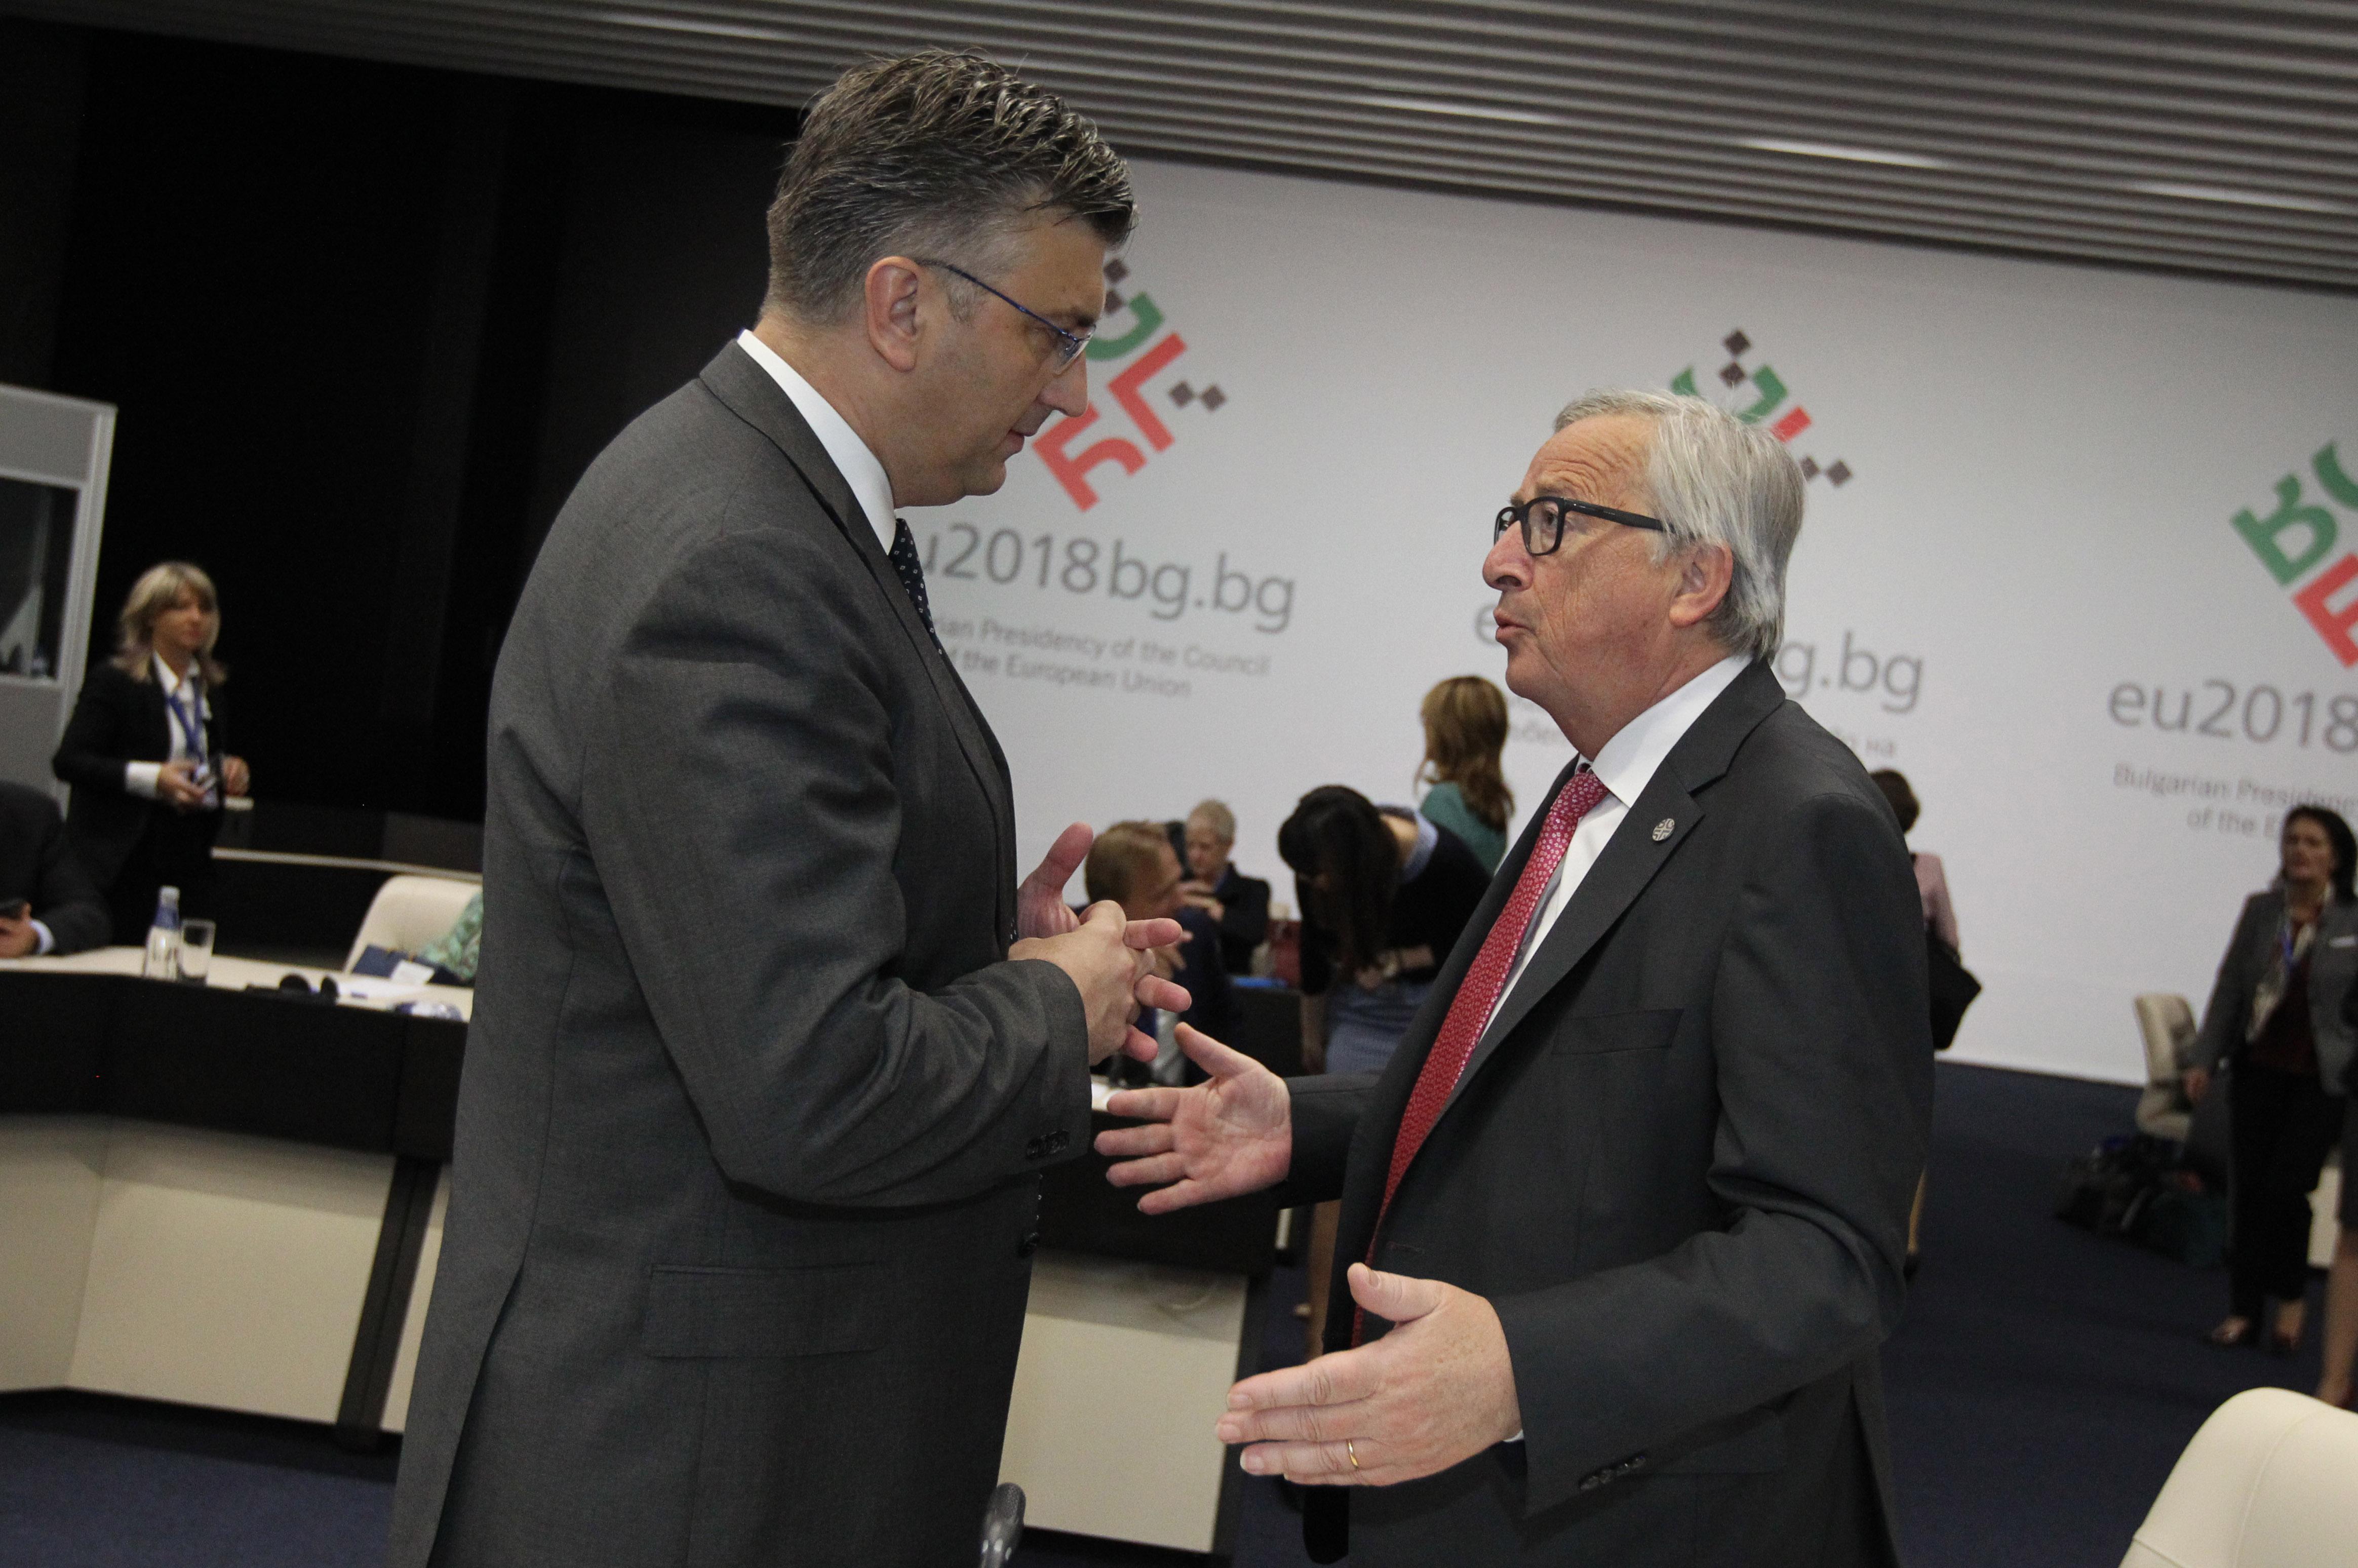 Plenković zadovoljan prijedlogom da se sljedeći summit EU zapadni Balkan održi u Zagrebu